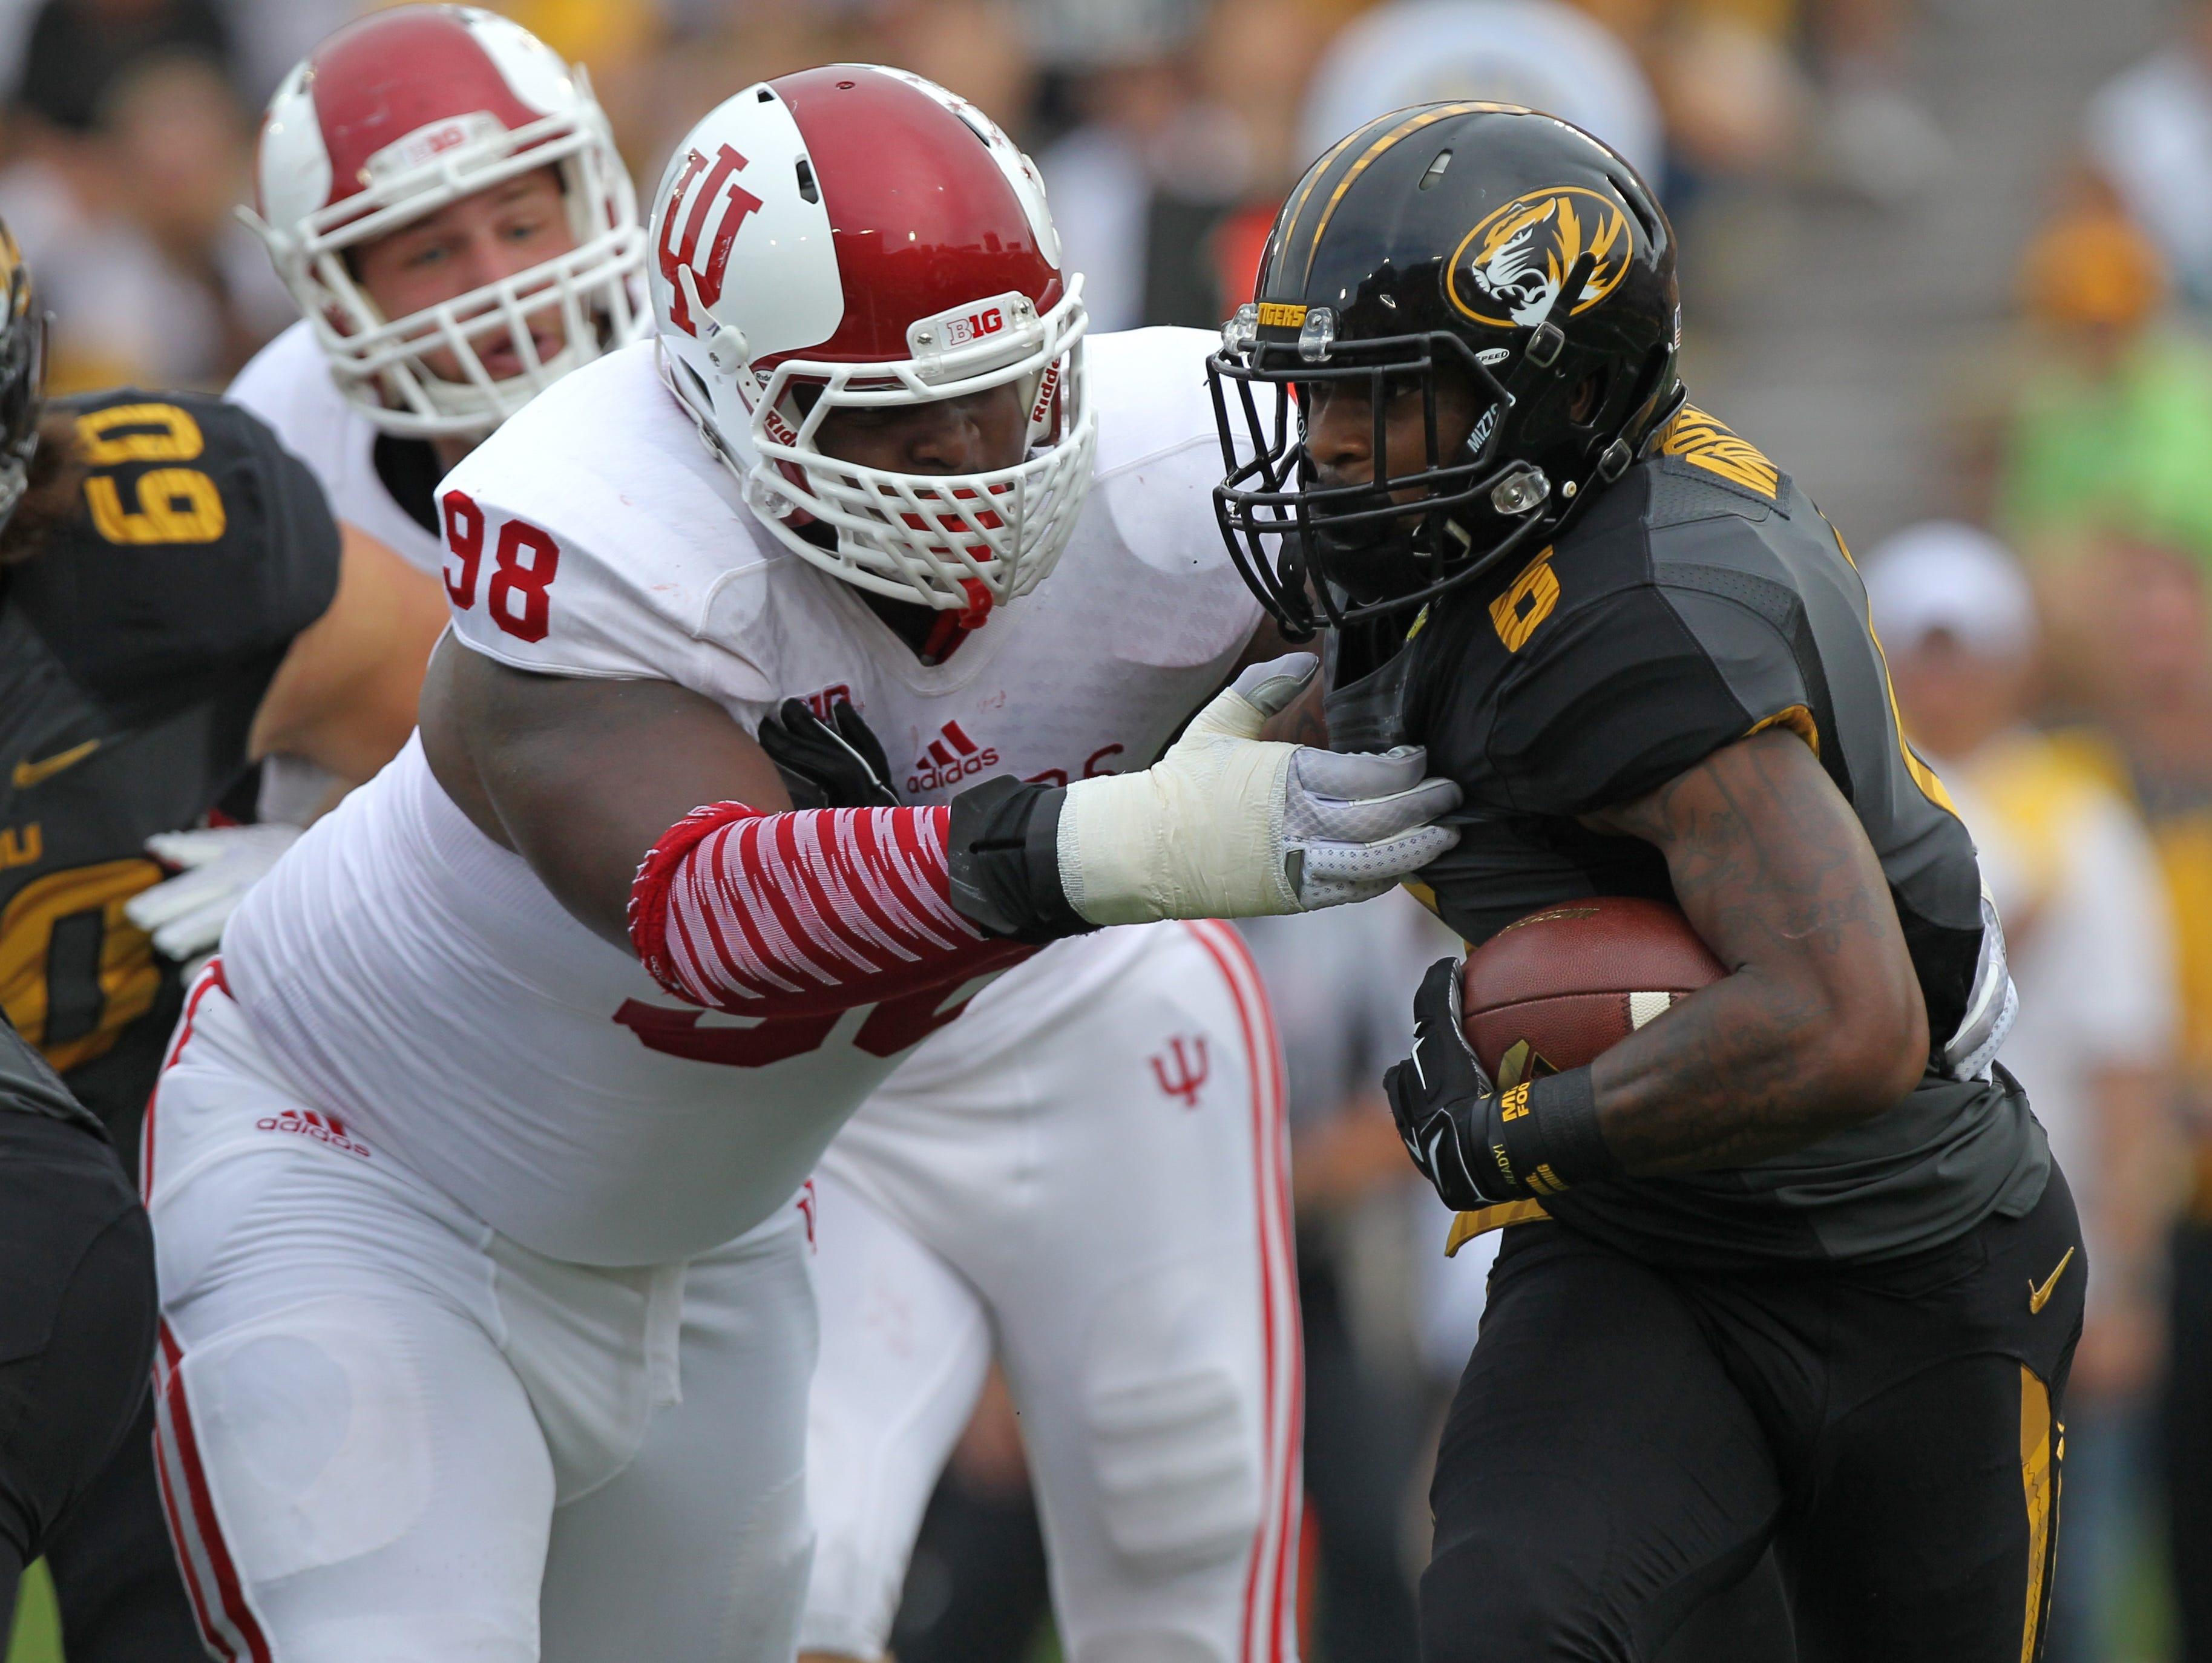 IU defensive lineman Darius Latham